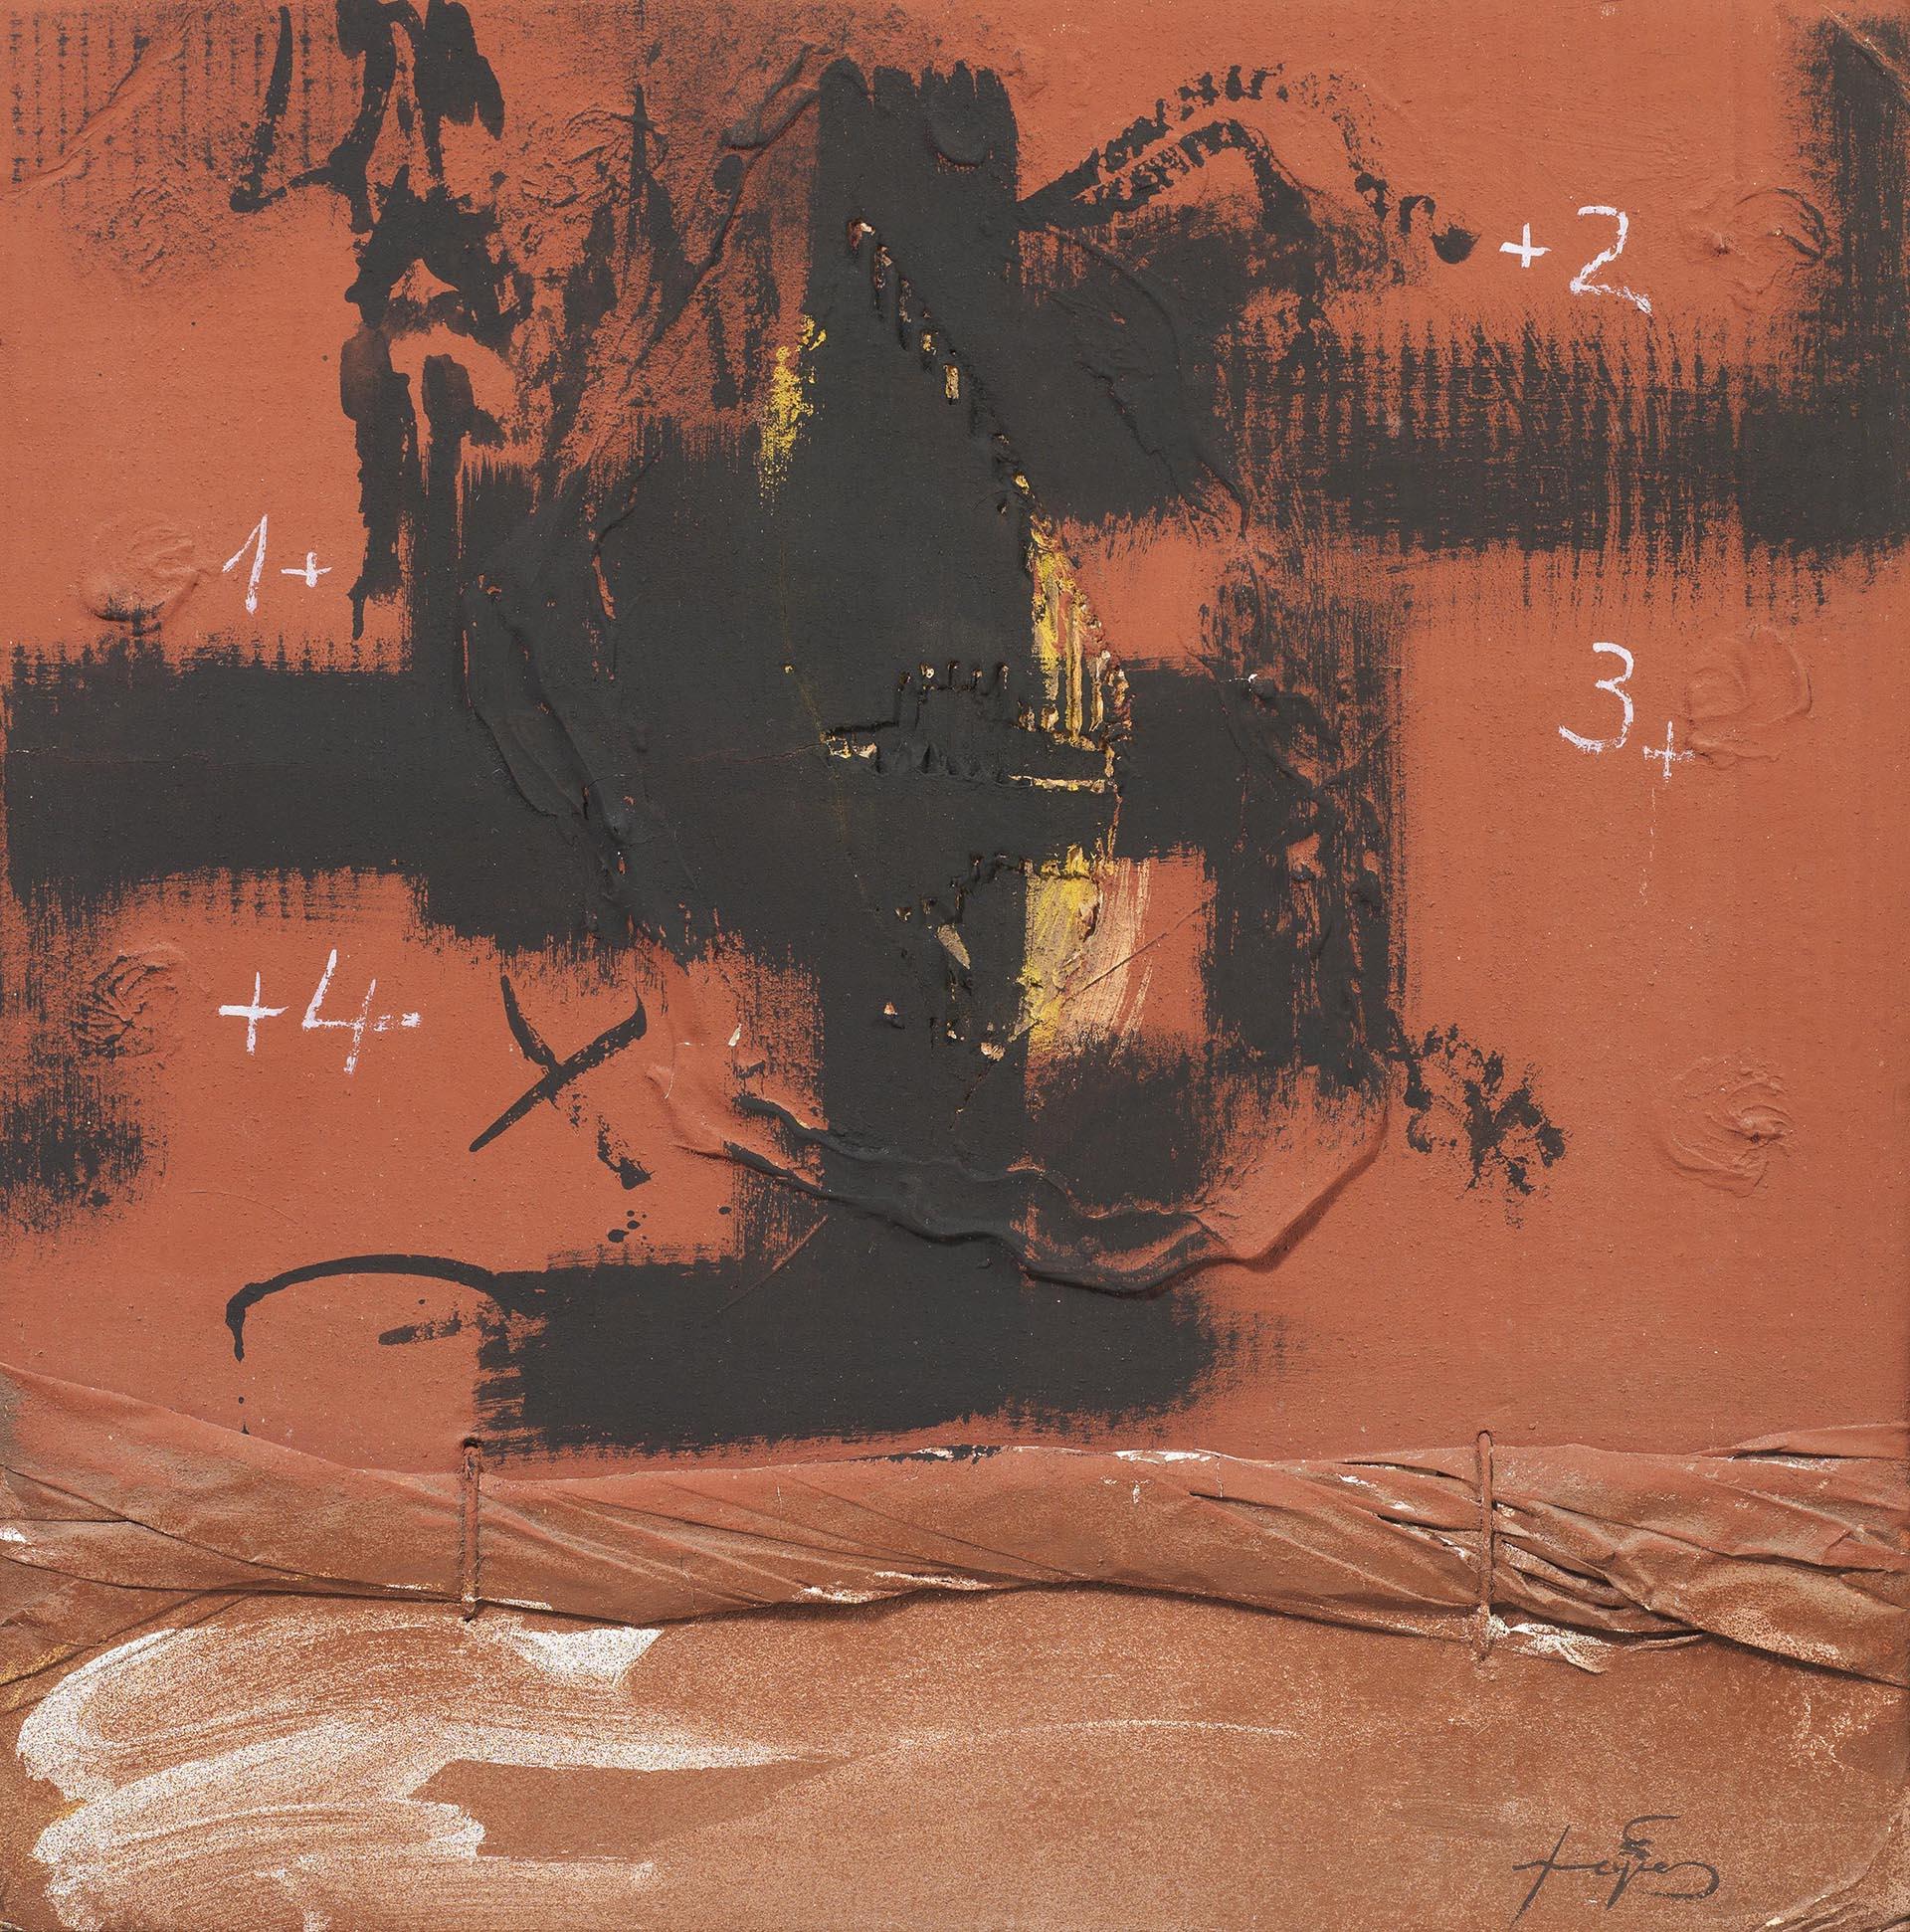 Tàpies, Deus superficies, 1981, 49x49.5 cm